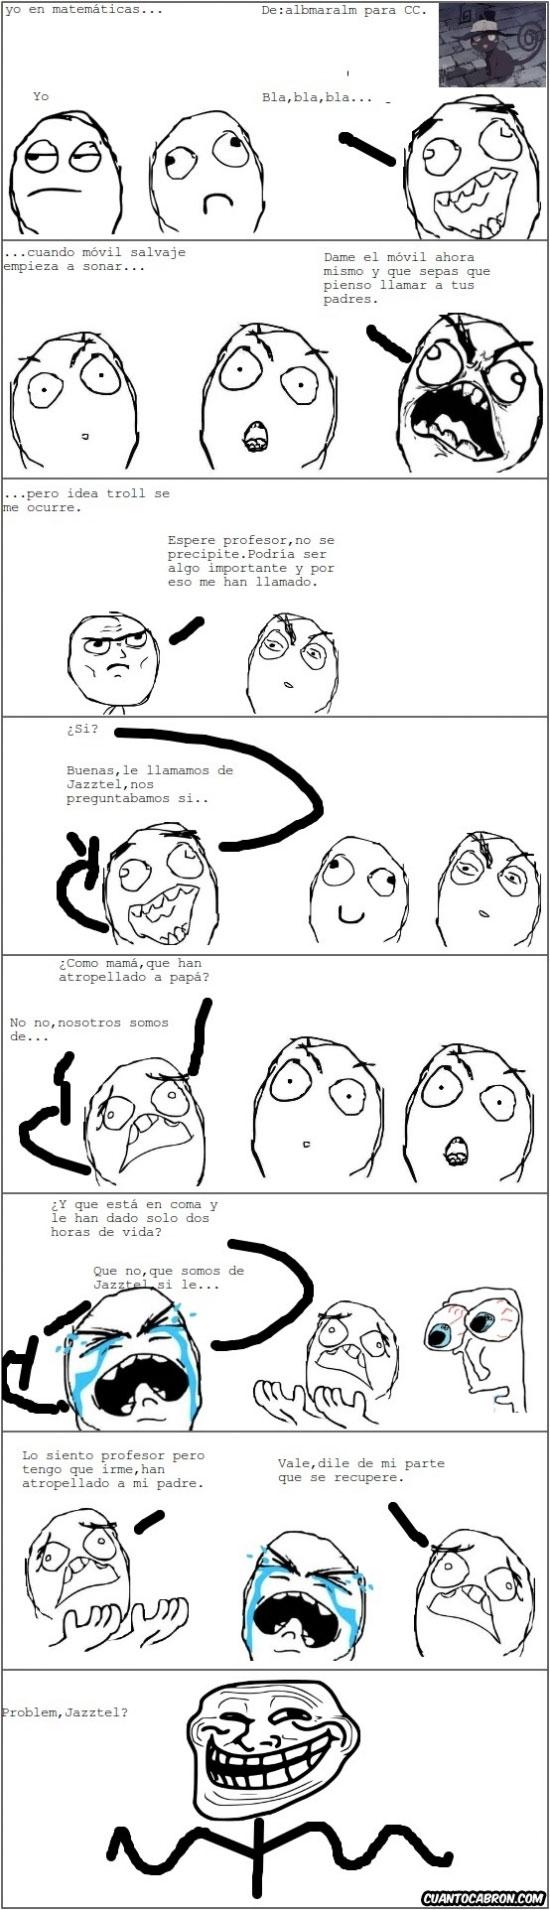 Trollface - A veces viene bien que te llamen en clase